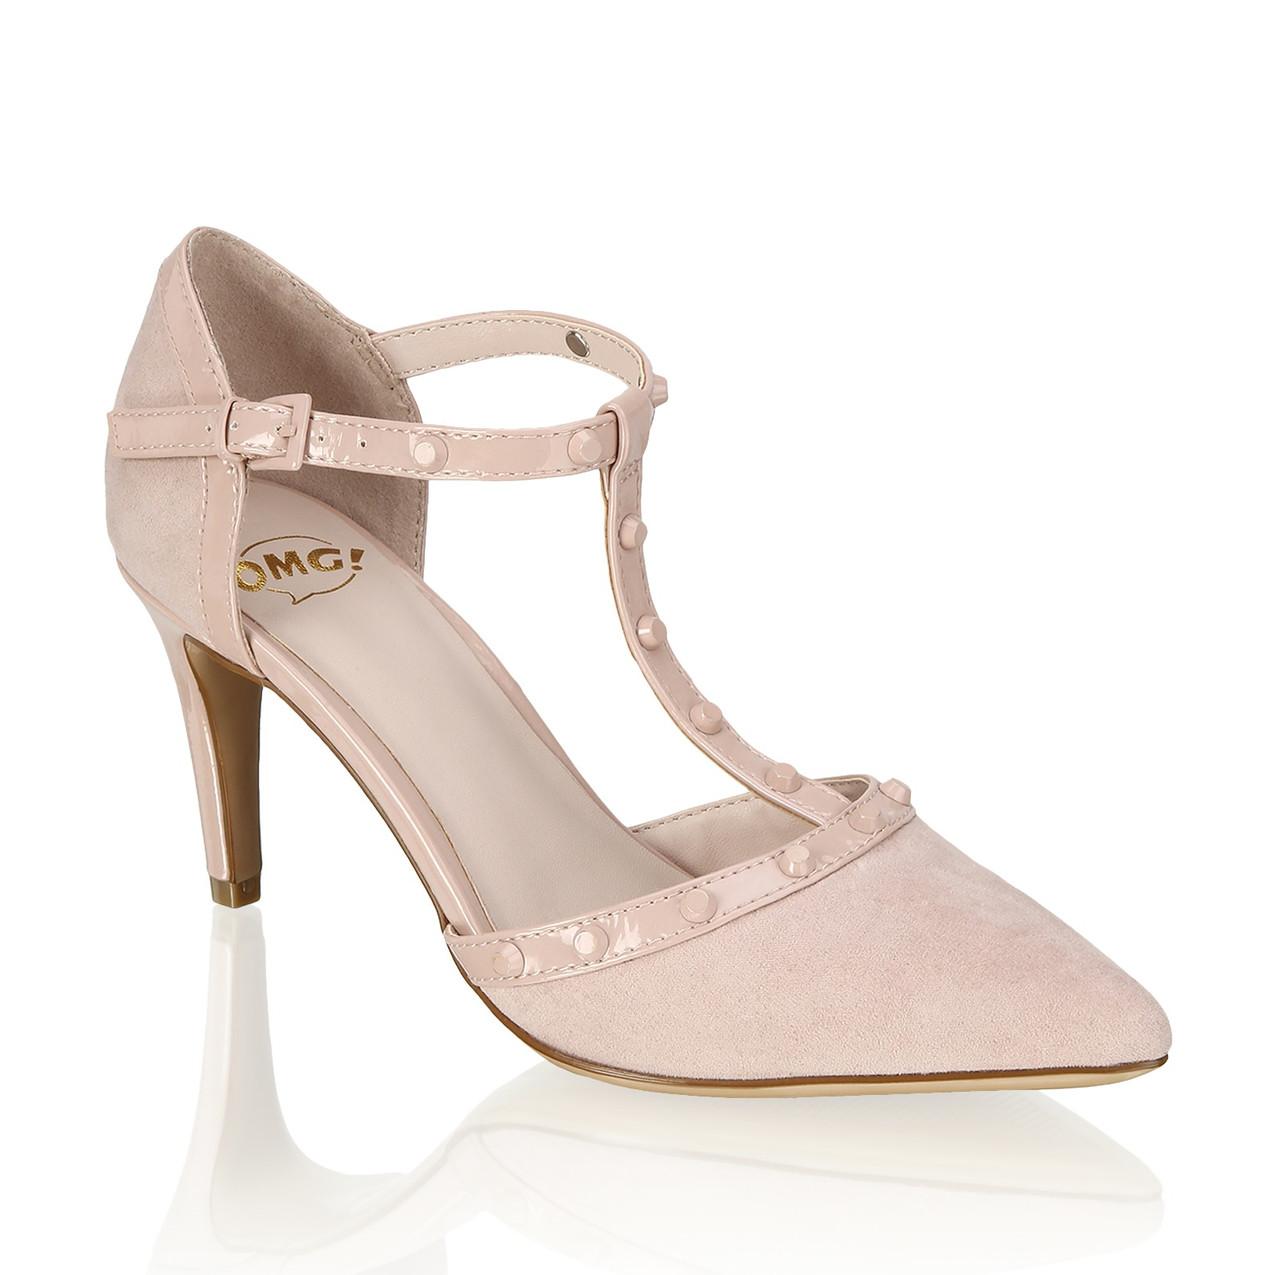 Shoe4You_FS19_1141421697_OMG!_EUR 34,95.